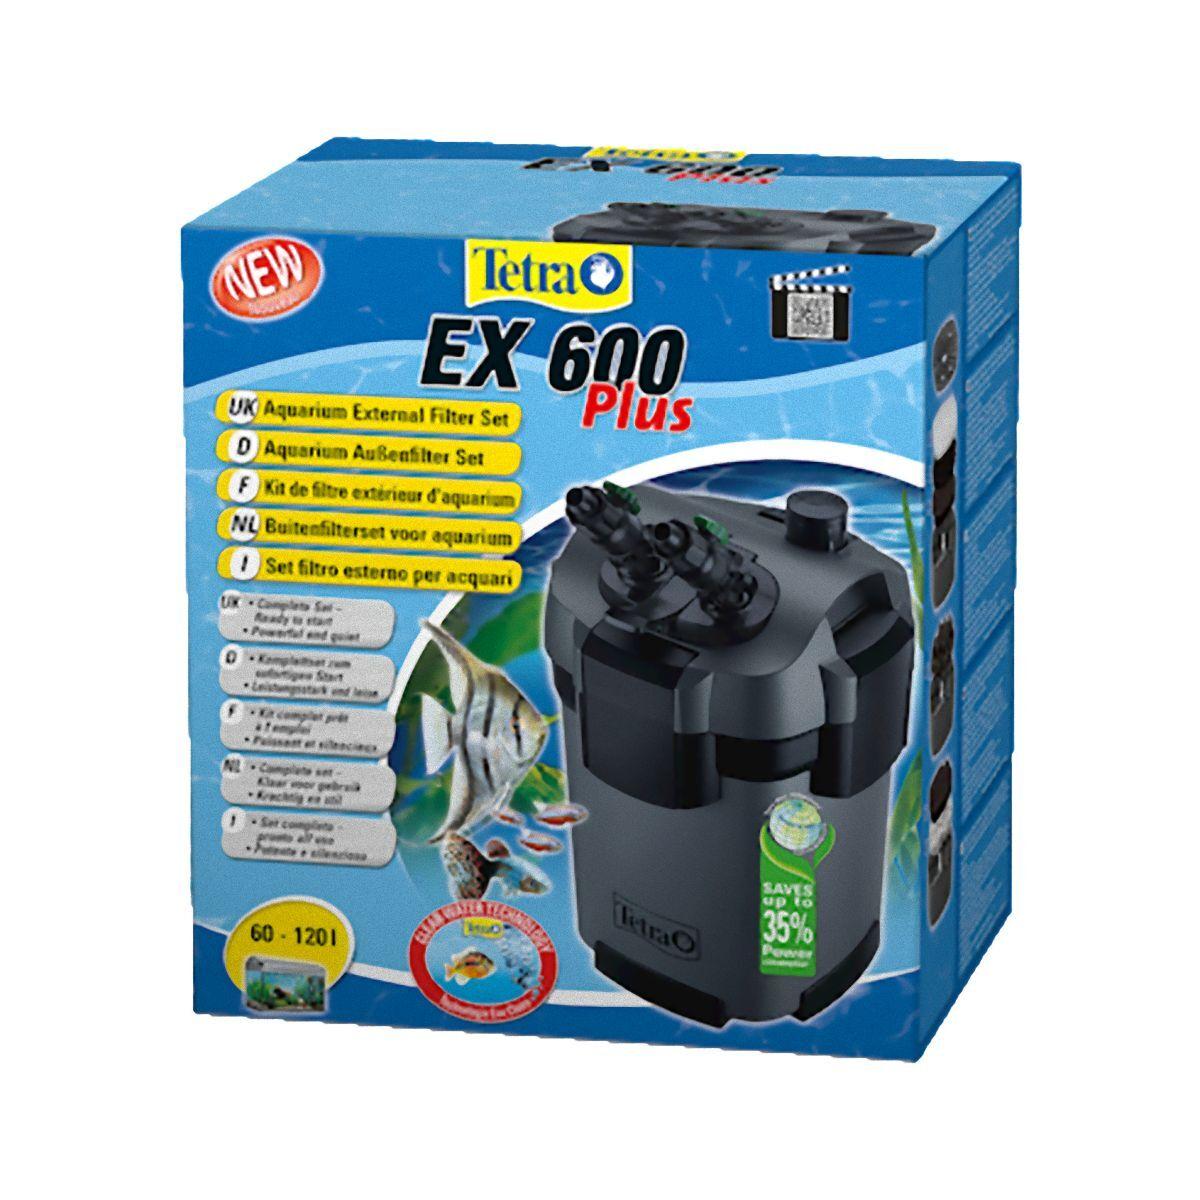 Tetratec EX600 External External External Filter Fish Tank Filtration Canister Filter Tetra Tec 55af5a